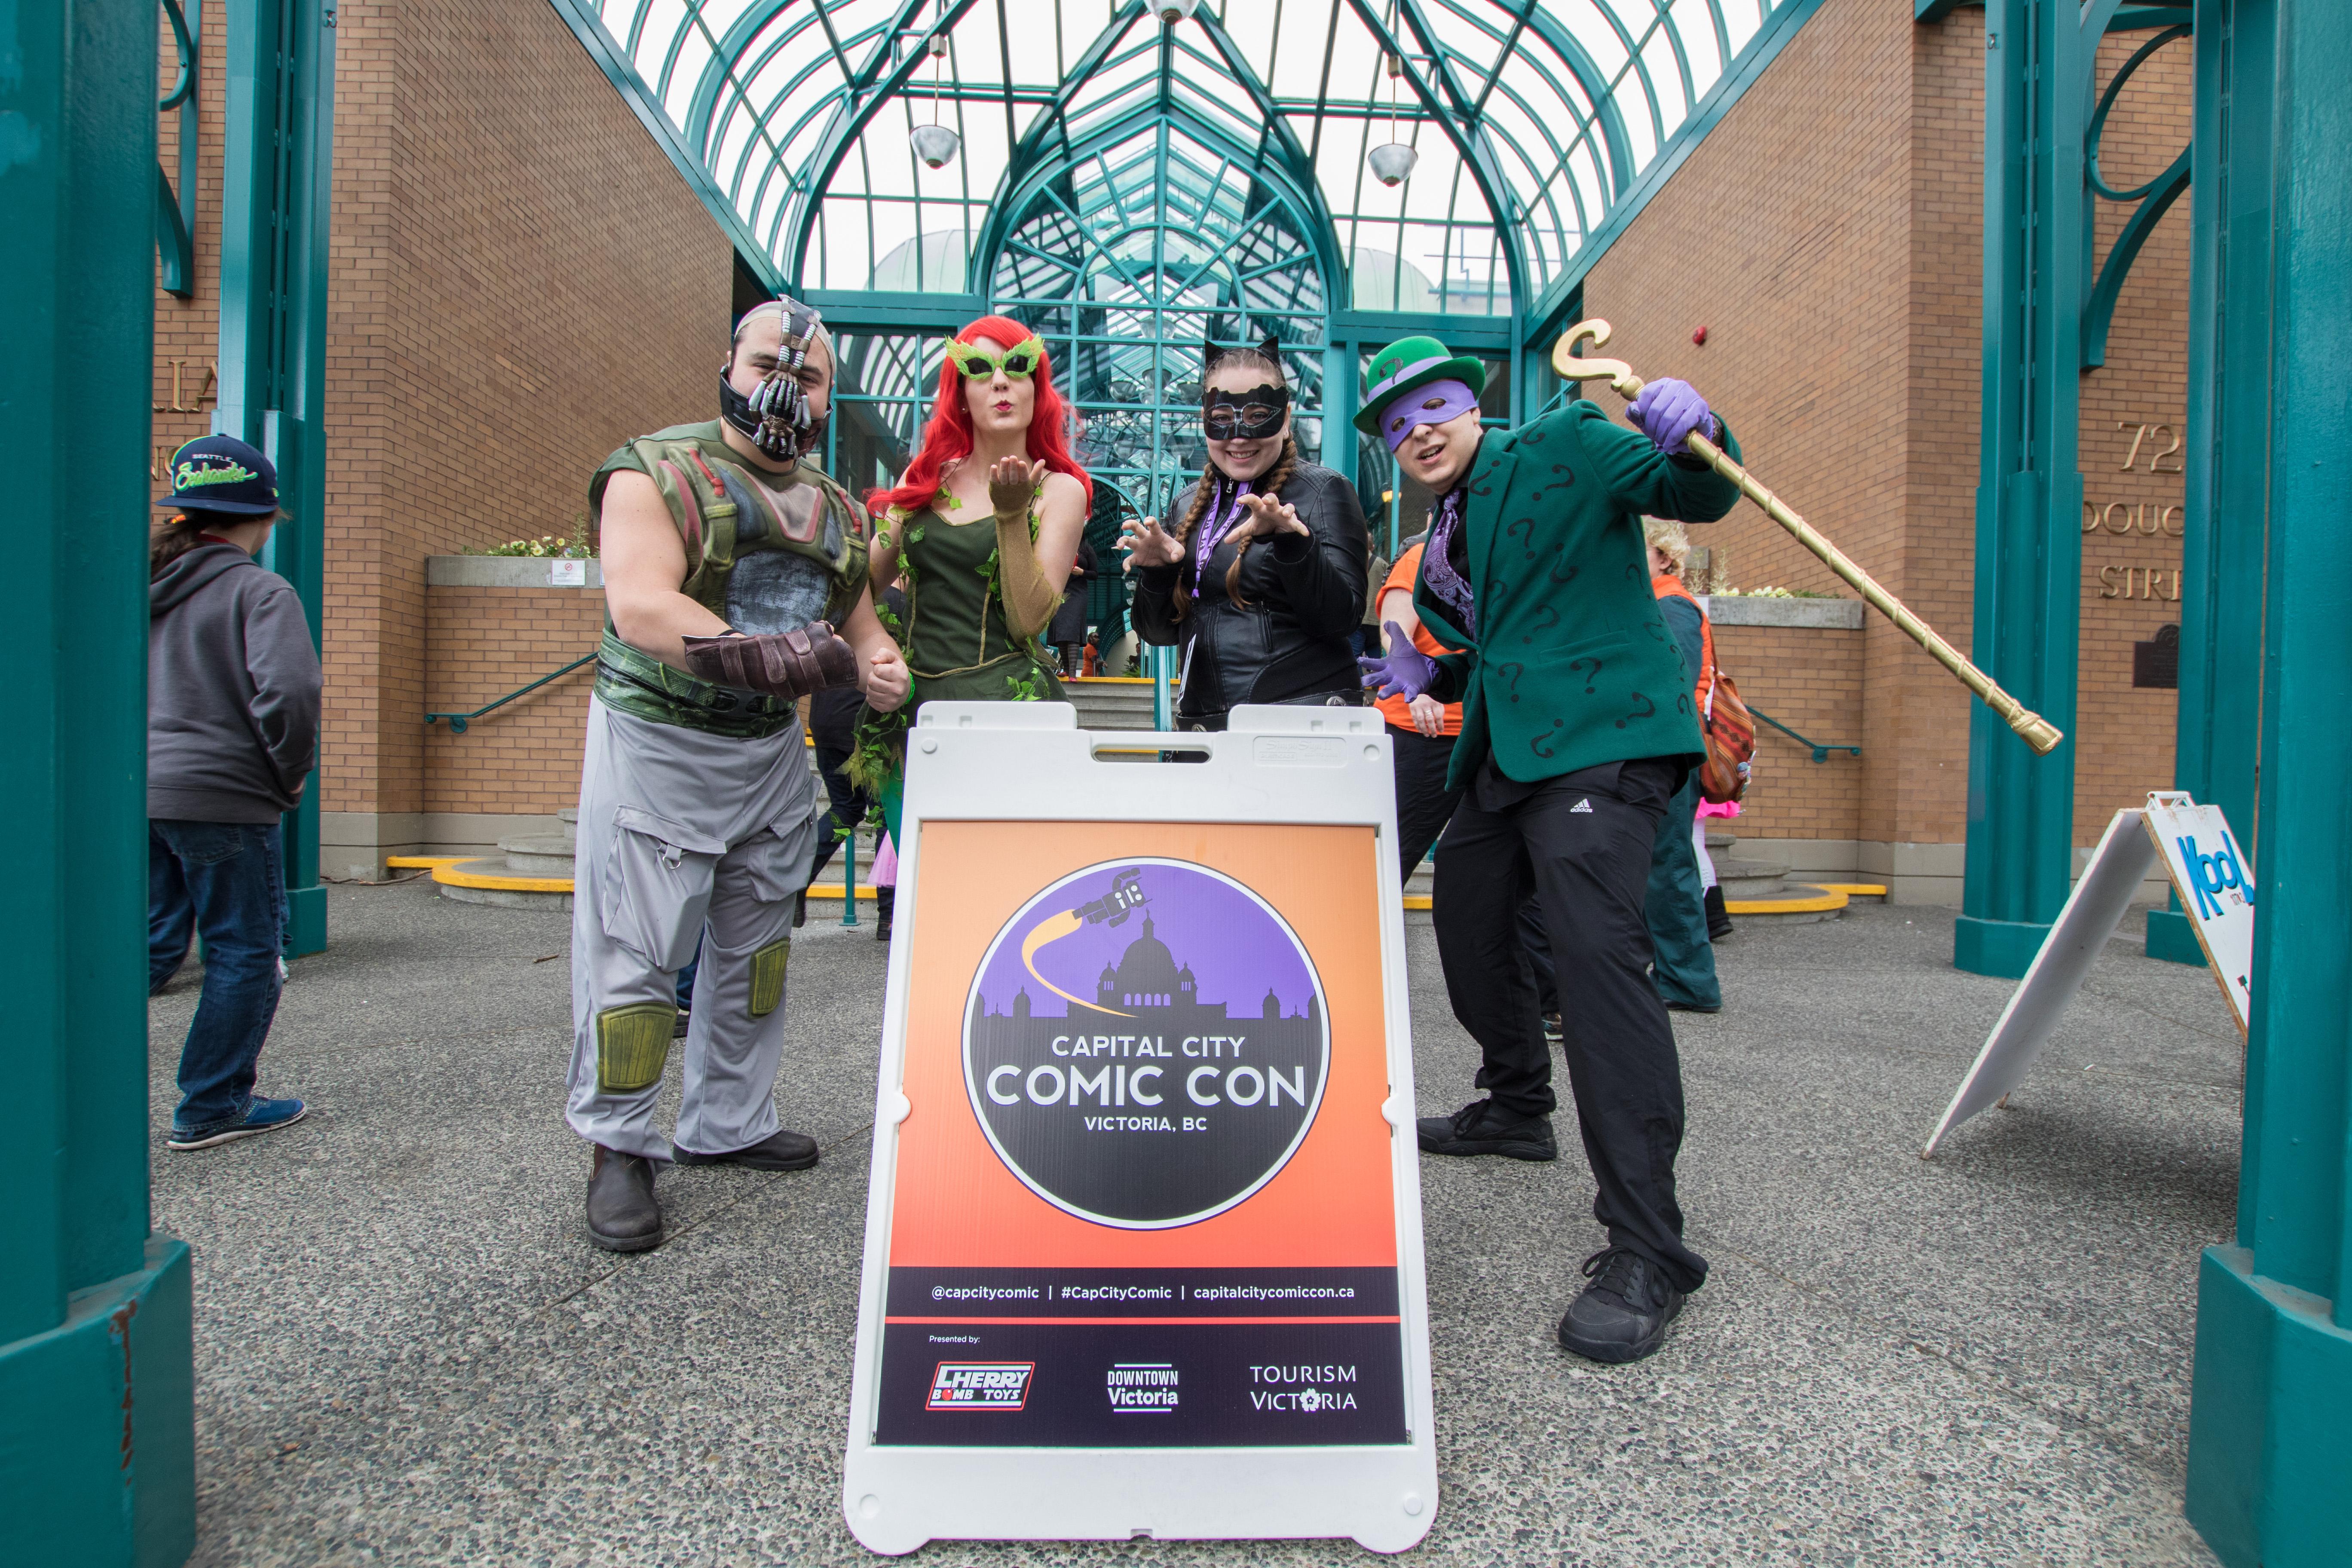 Capital City Comic Con